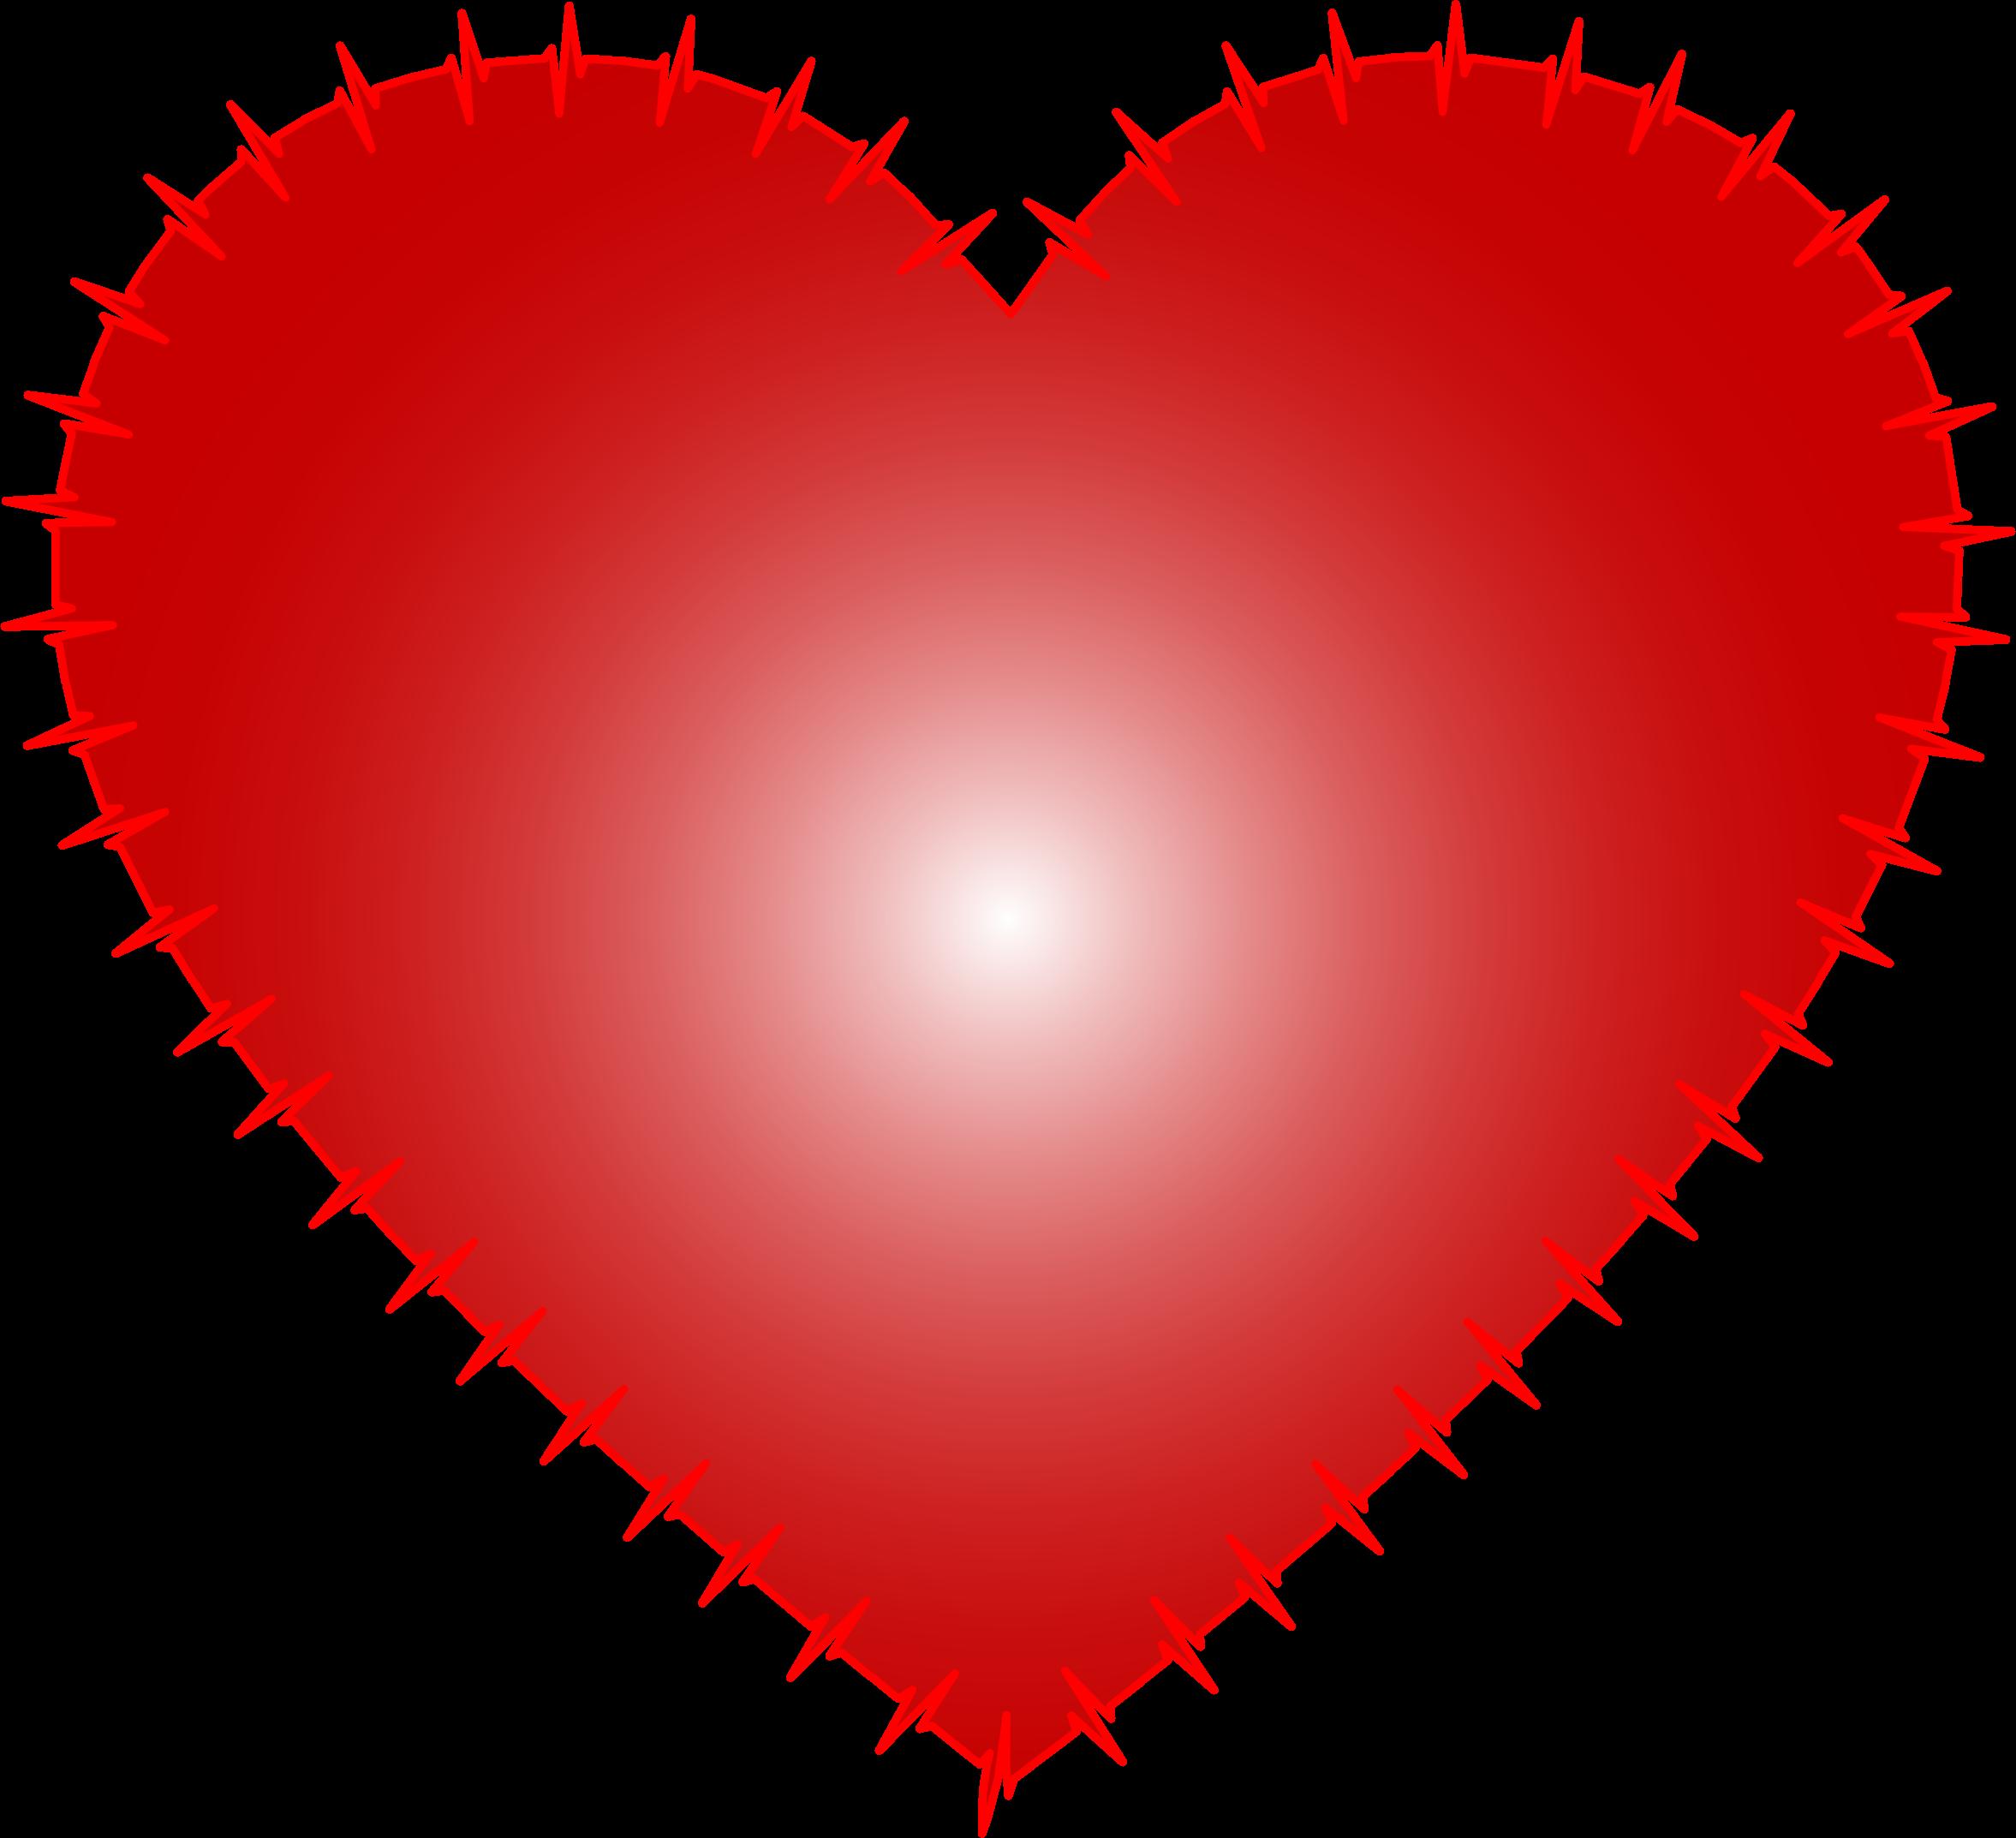 clipart heart ekg rhythm red rh openclipart org ekg strip clipart ekg clipart free